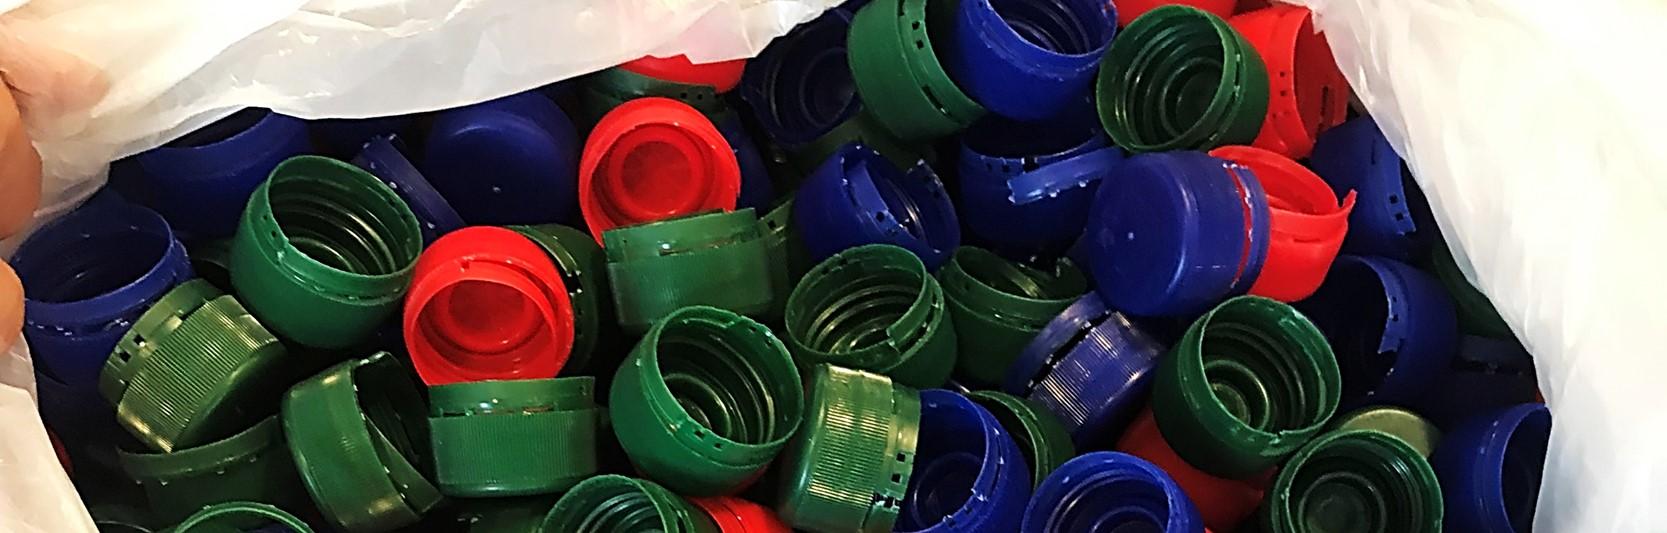 Newsartikel:Plastikdeckel sammeln für den guten Zweck – ein Senior engagiert sich